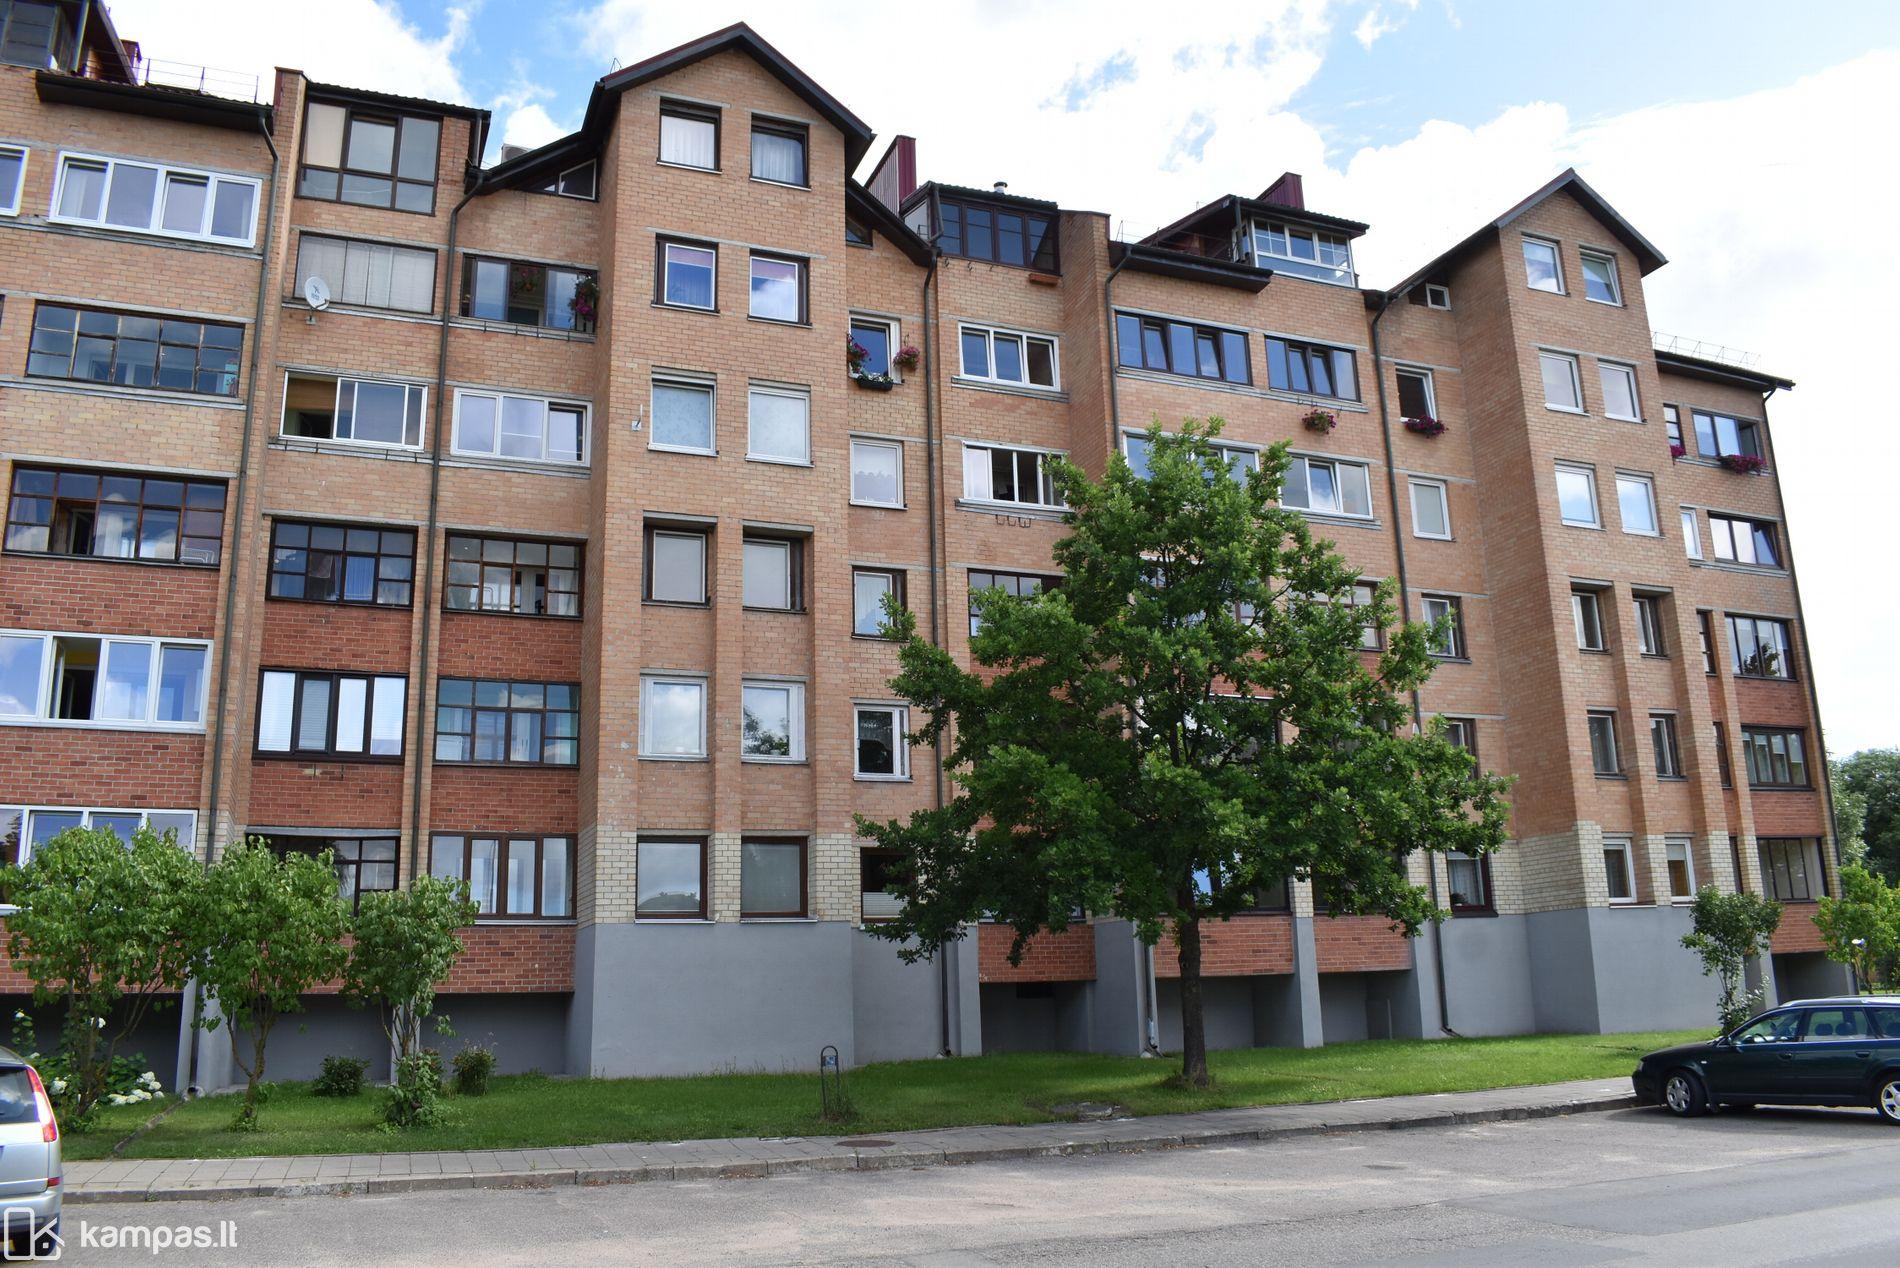 Main Image Vilniaus r. sav., Grigiškės